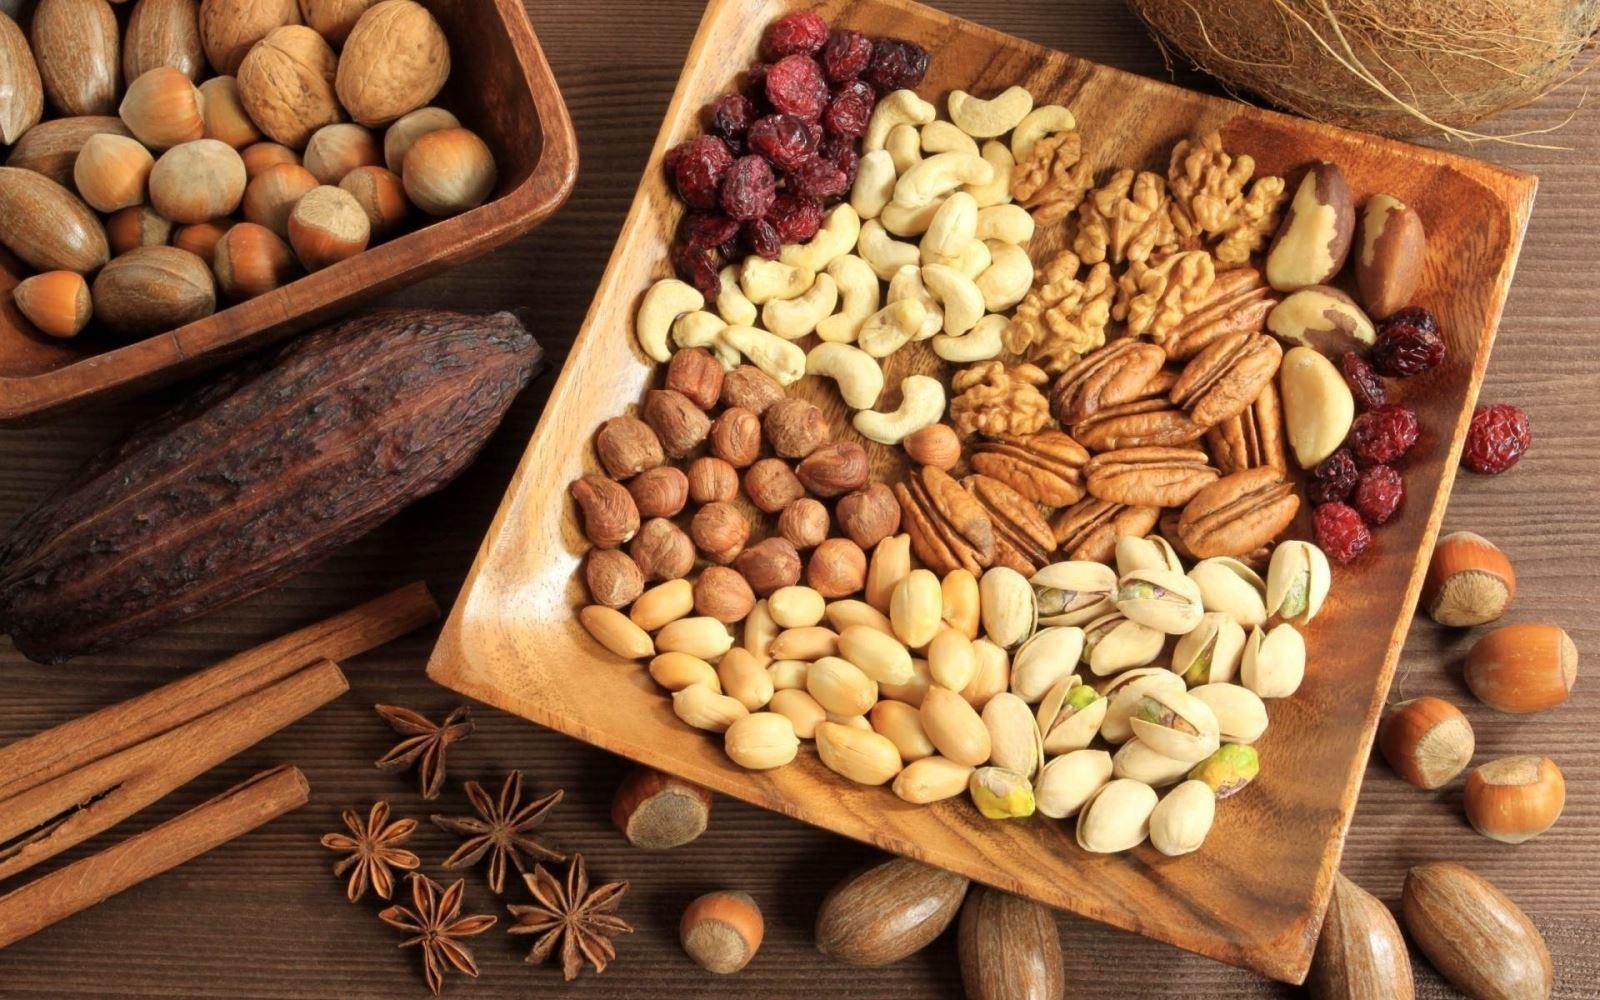 Ngũ cốc chứa nhiều dưỡng chất cần thiết cho sự phát triển của thai nhi